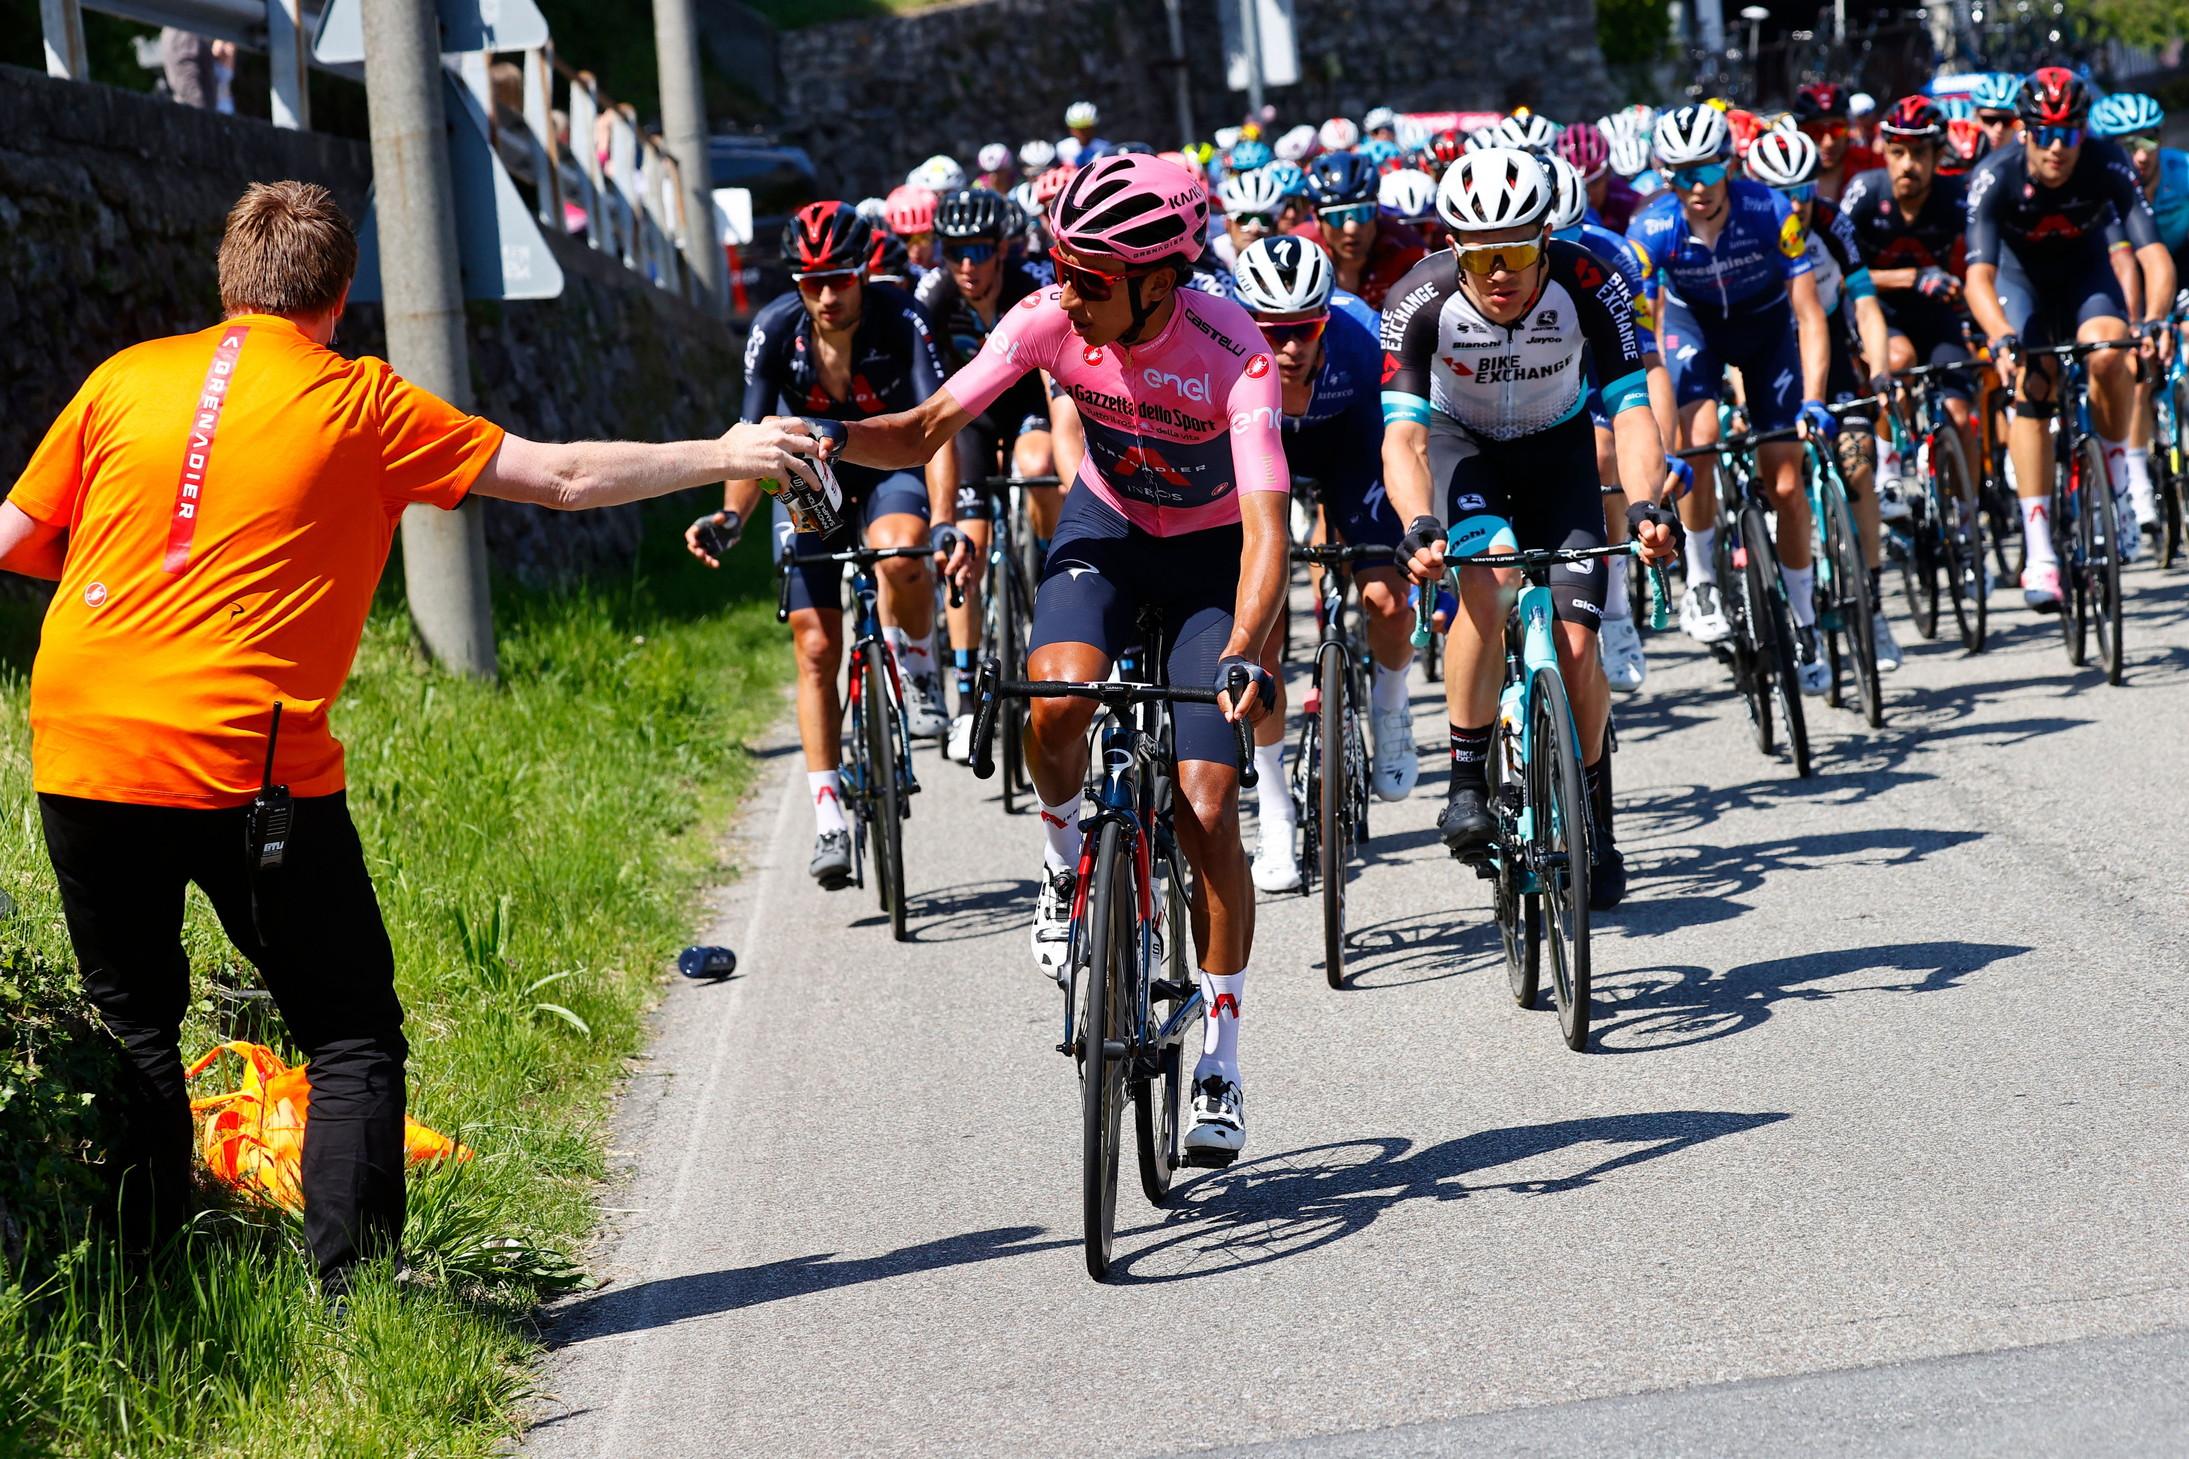 Che feeling con l'Italia per Simon Yates: quarta vittoria al Giro per il britannico, che si aggiunge a quella sul Gran Sasso, Osimo e Sappada 2018.